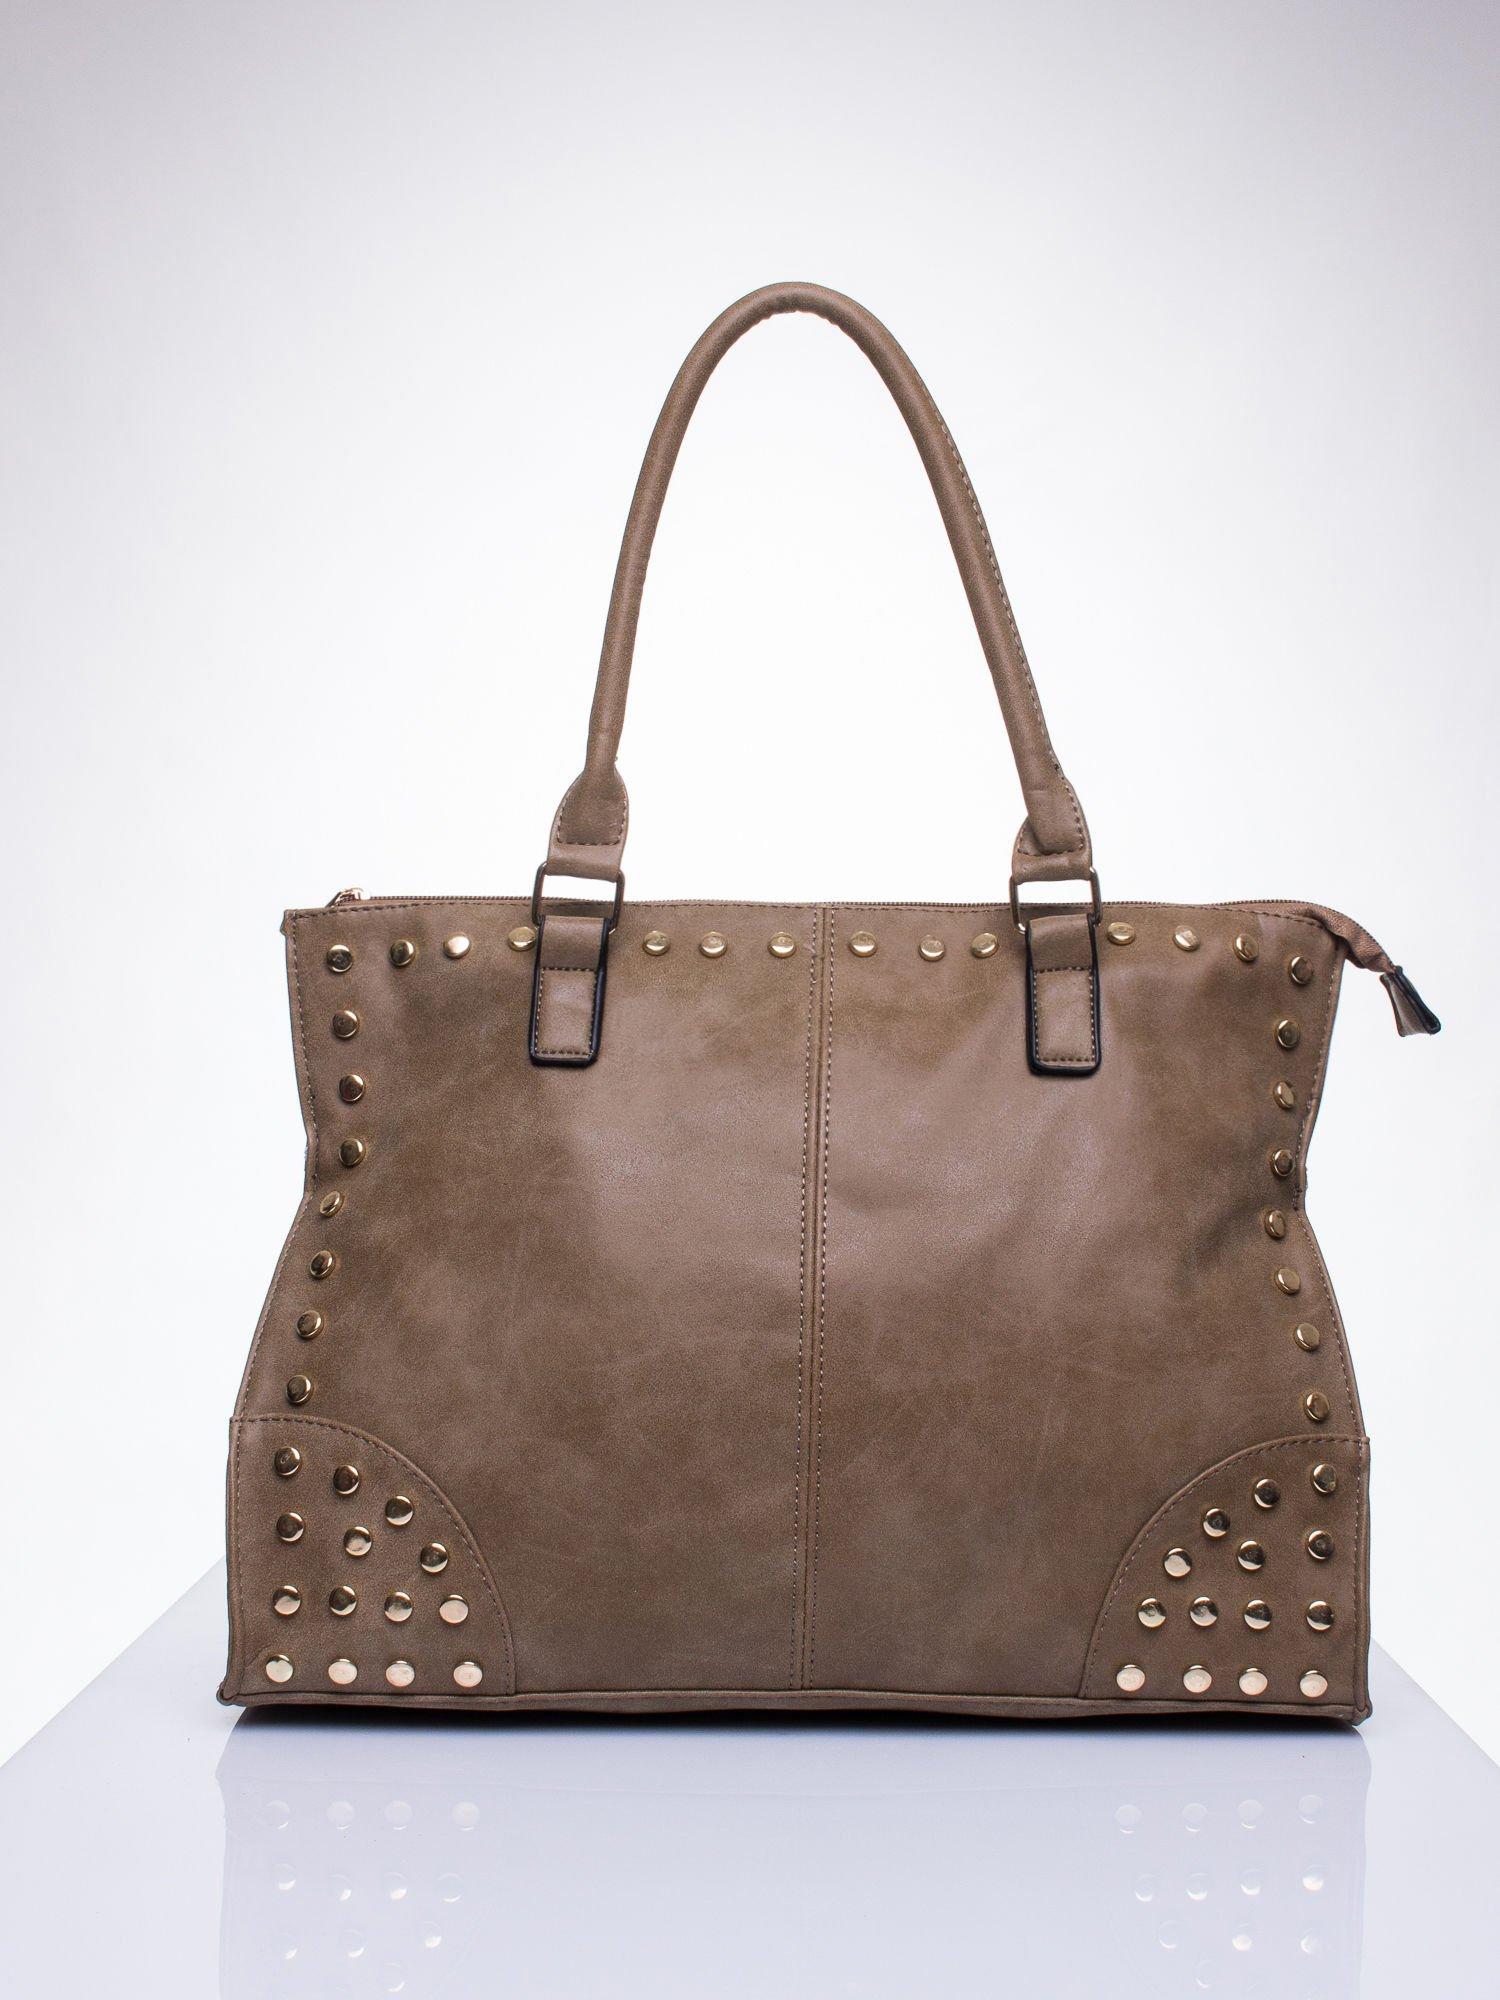 Beżowa torba shopper bag ze złotymi ćwiekami                                  zdj.                                  1